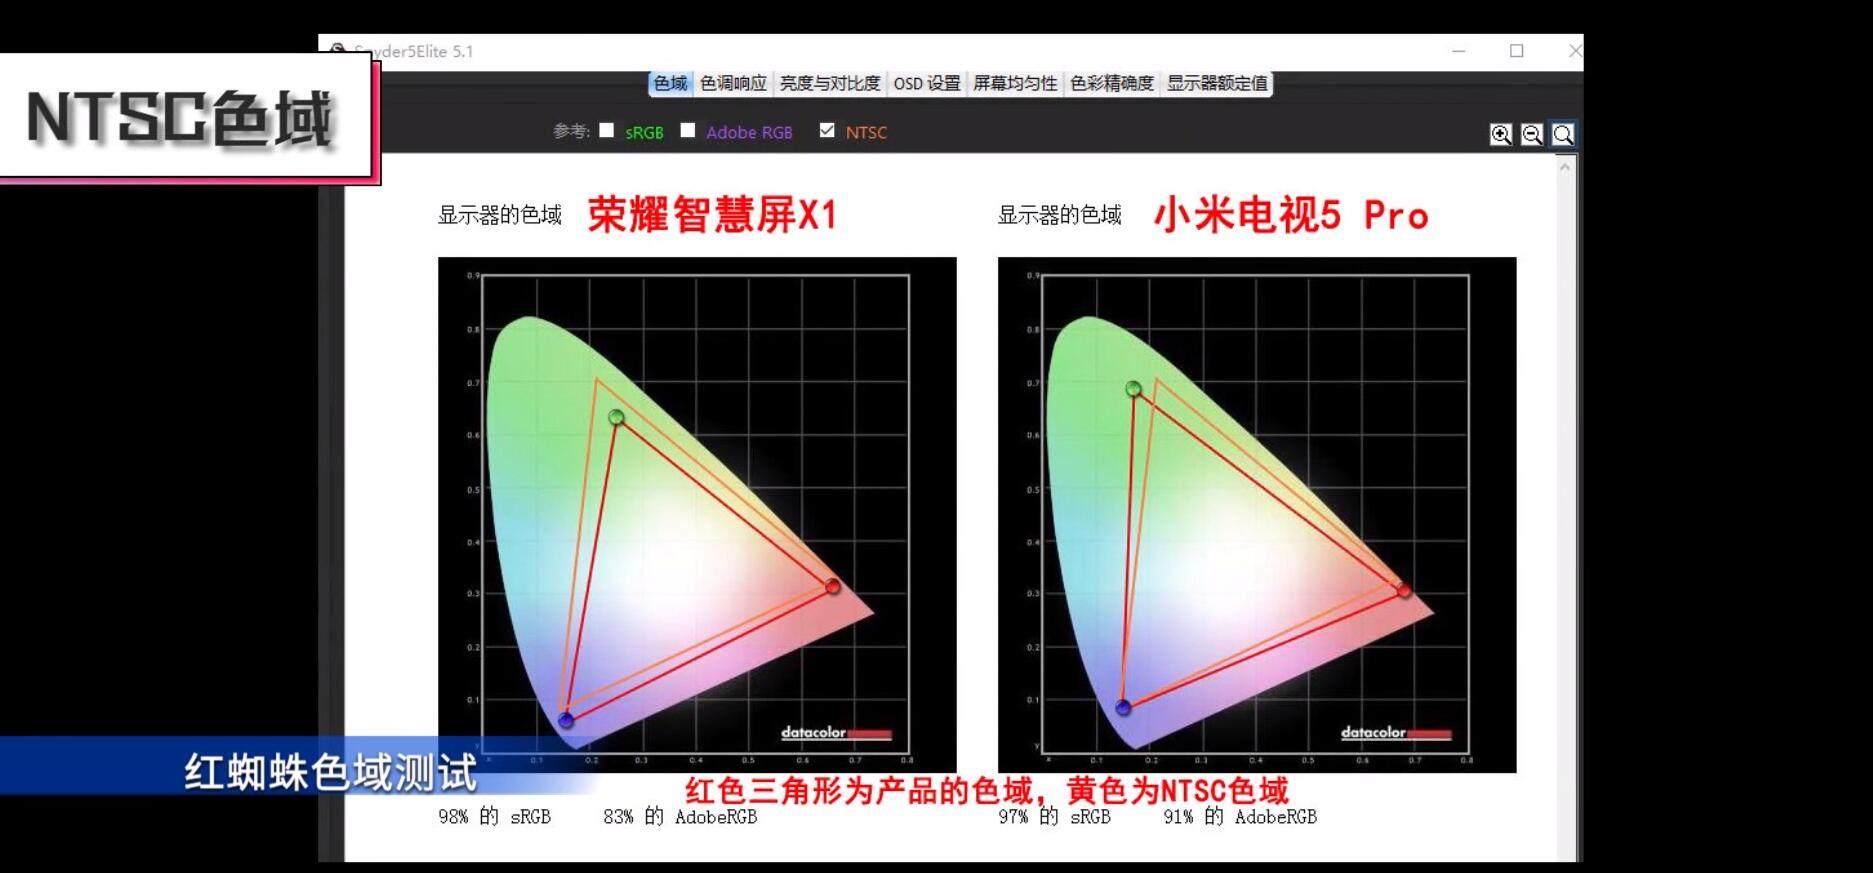 荣耀智慧屏x1和小米电视5pro对比 视频测评荣耀小米哪个好